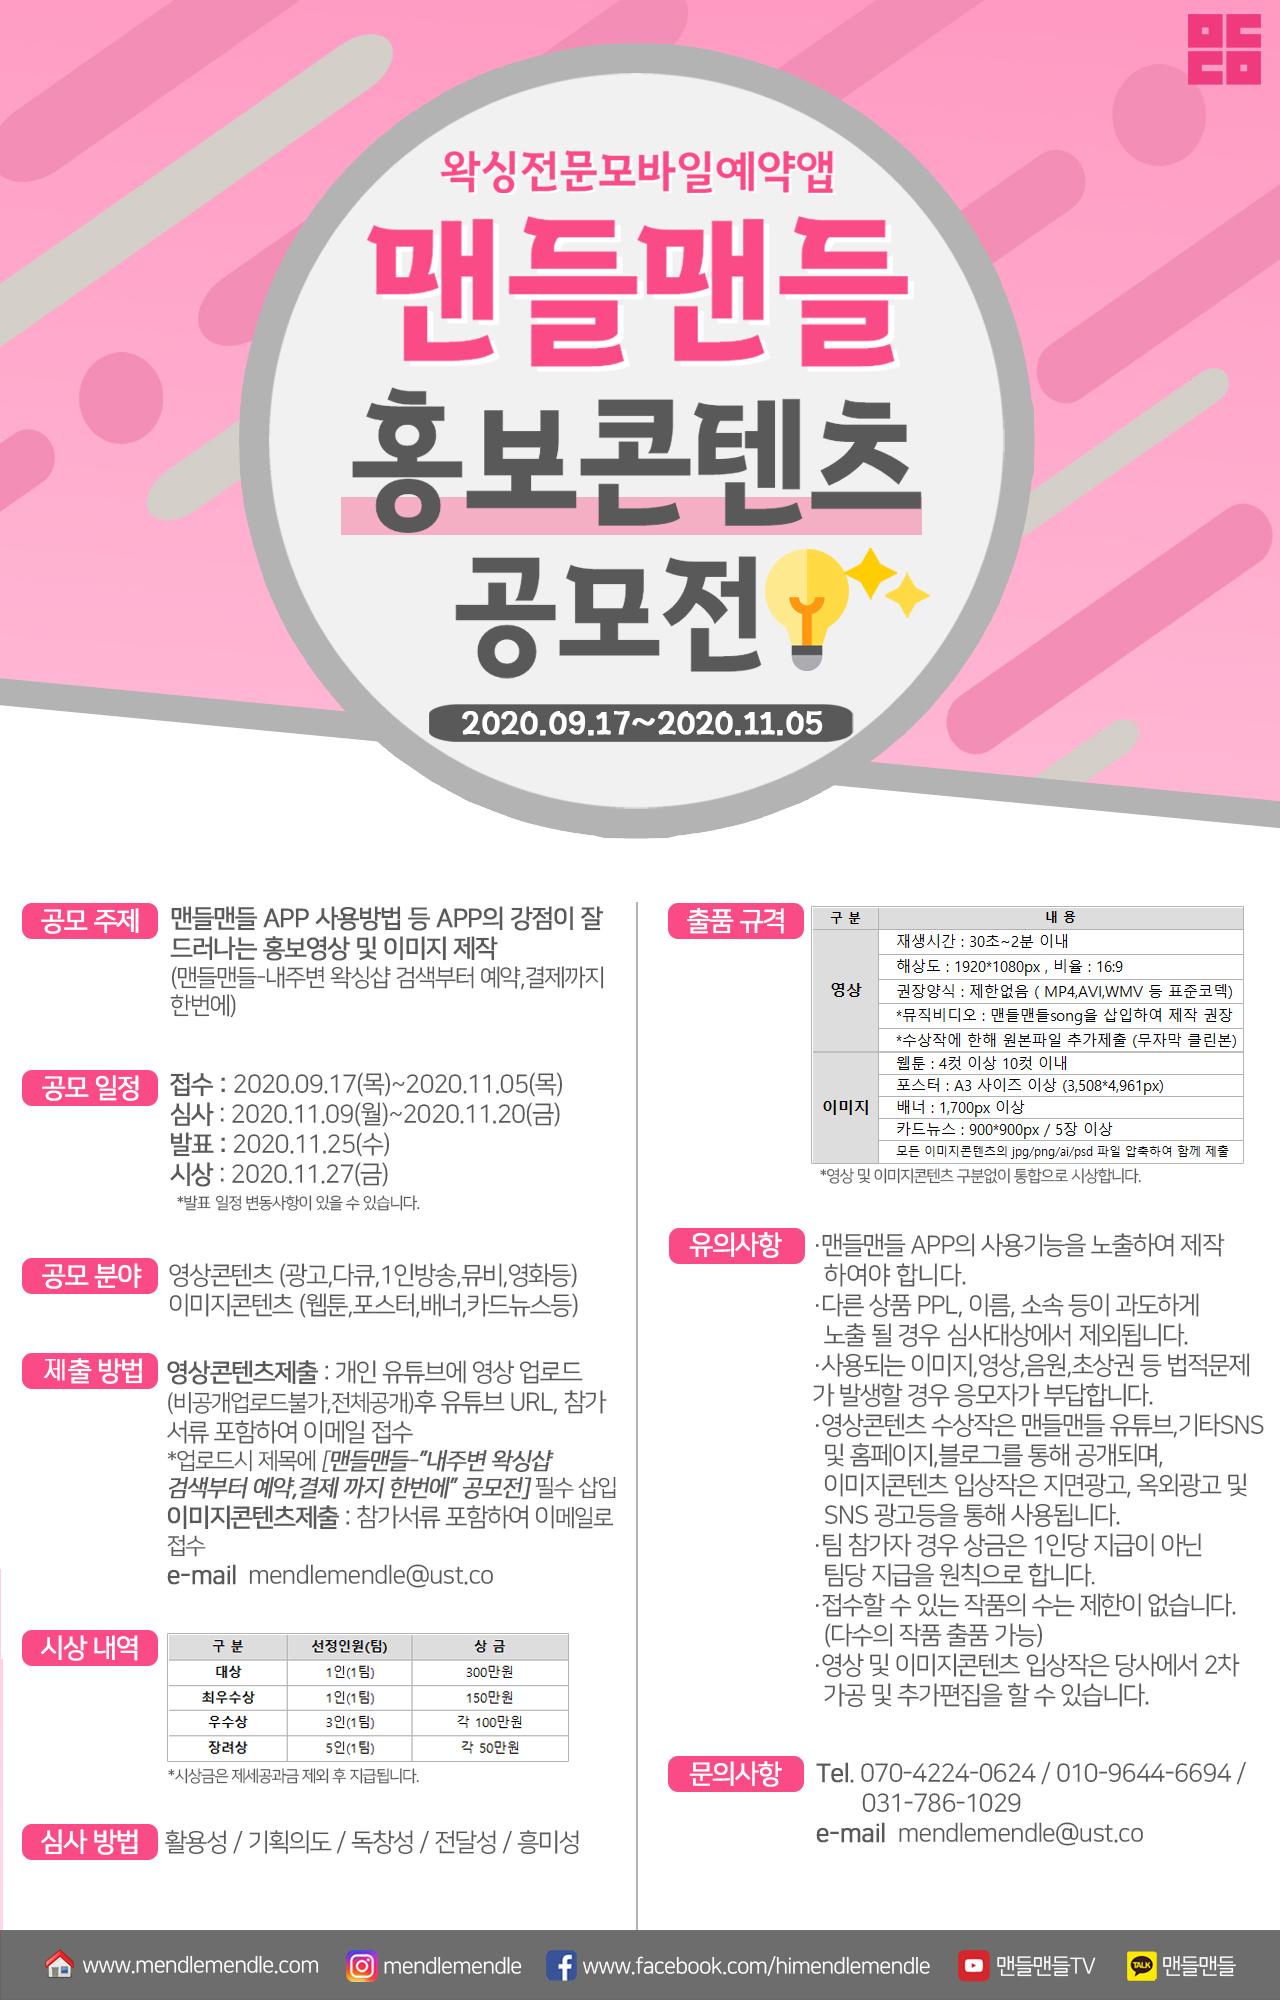 """왁싱 전문 예약앱 """"맨들맨들"""" 홍보 콘텐츠 공모전"""